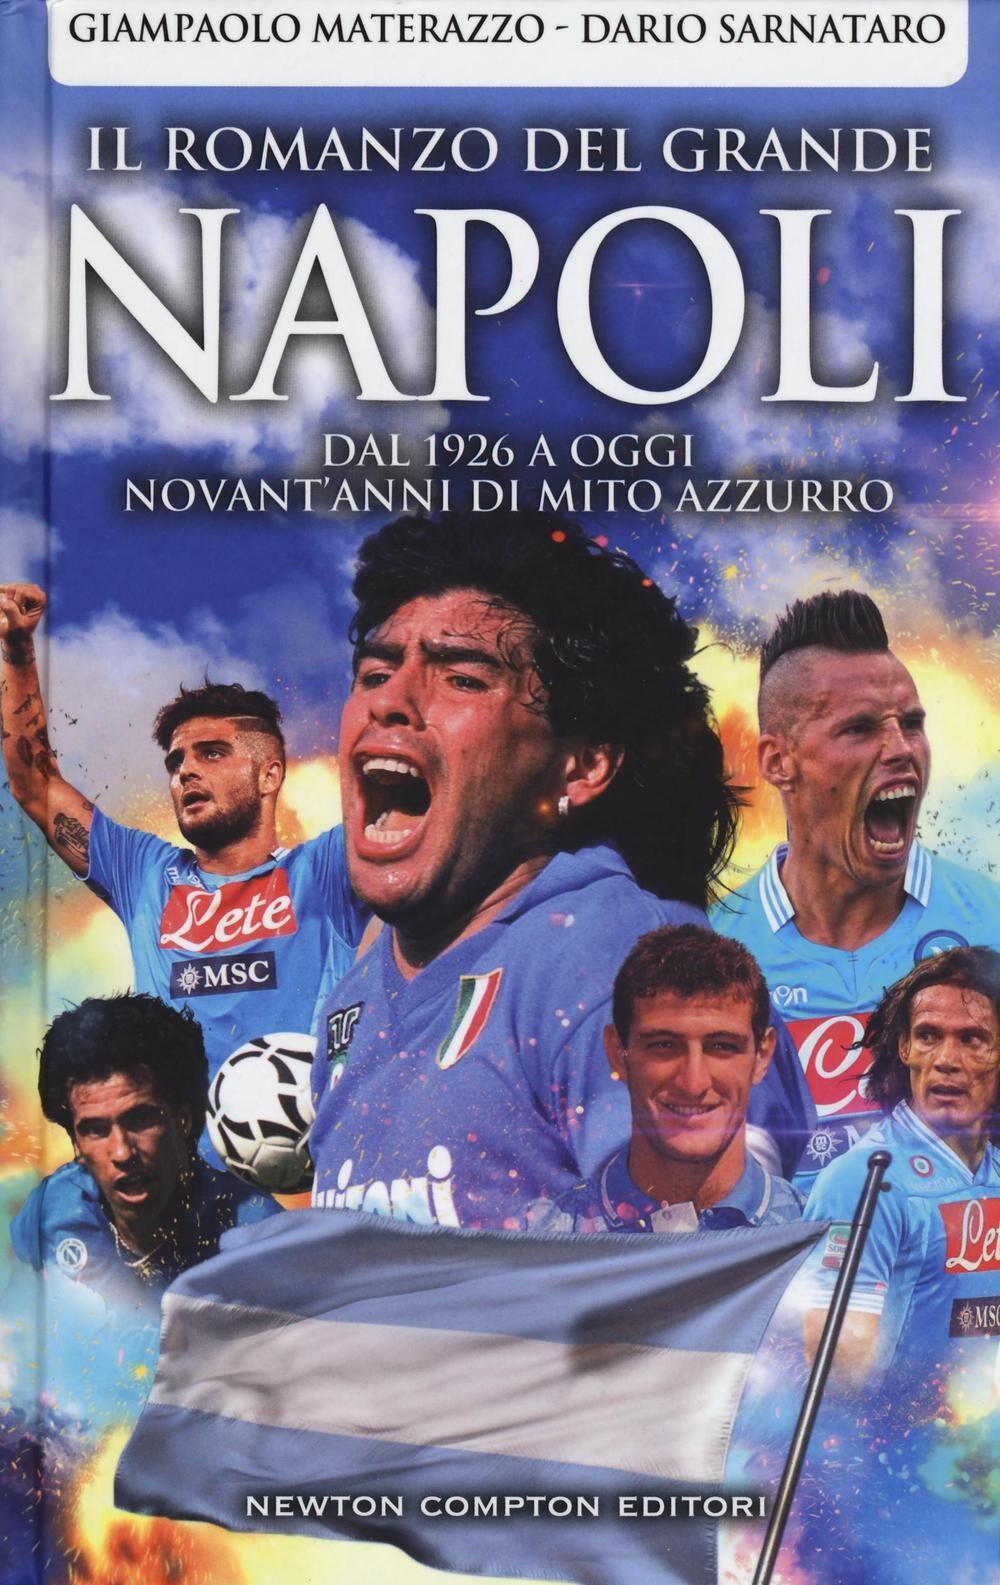 Il romanzo del grande Napoli. Dal 1926 a oggi. La storia del mito azzurro